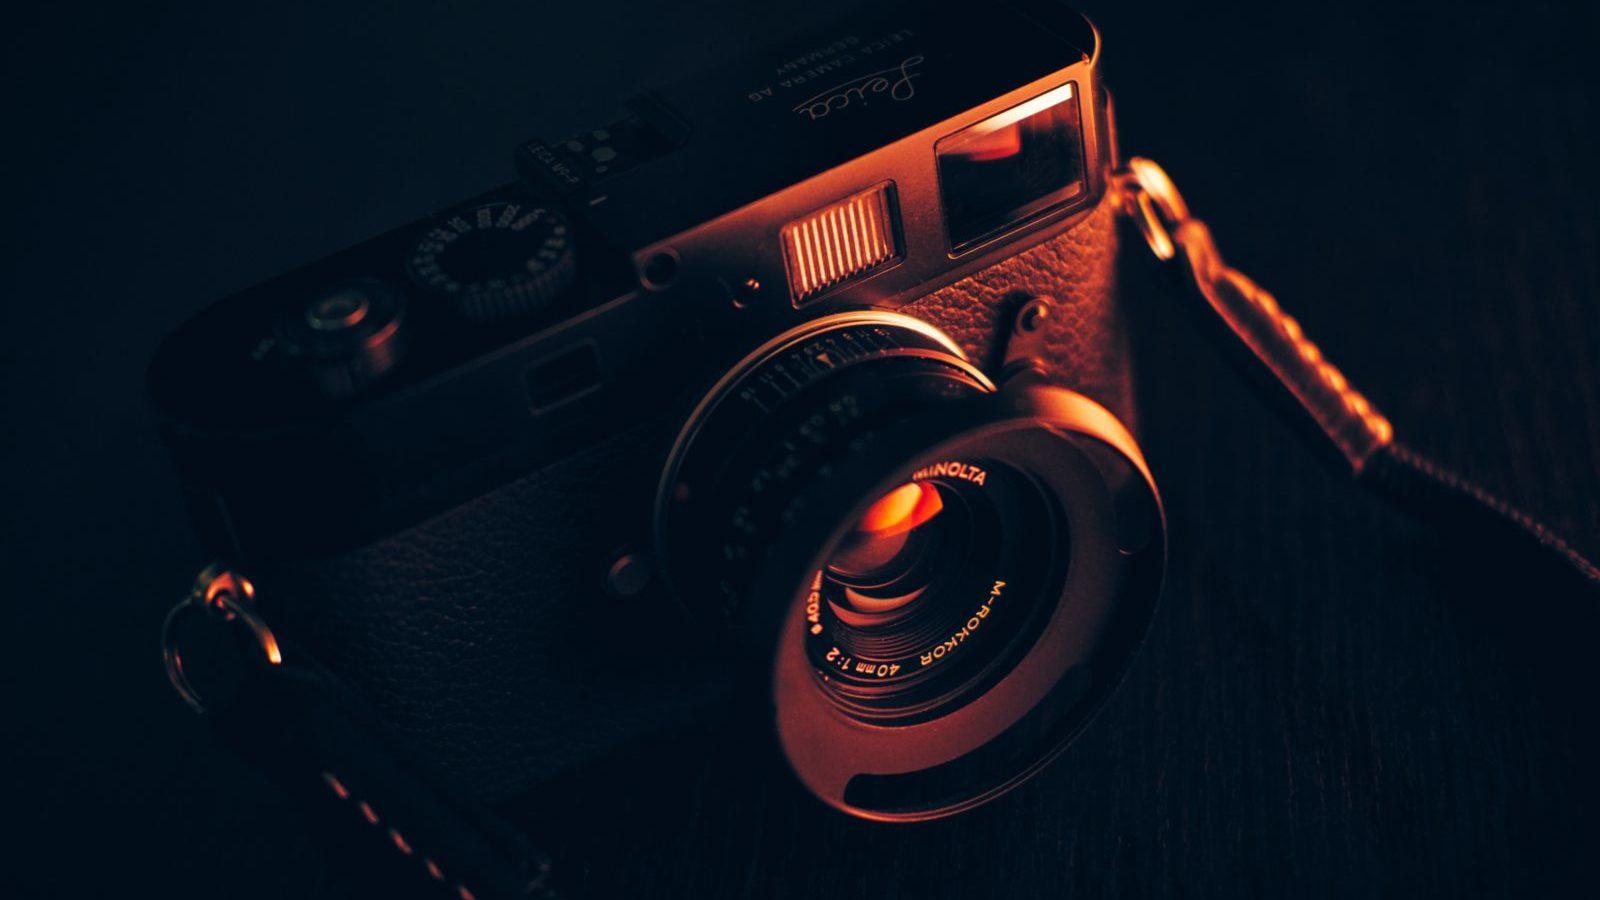 Conoscere La Macchina Fotografica Tecnica Fotografica